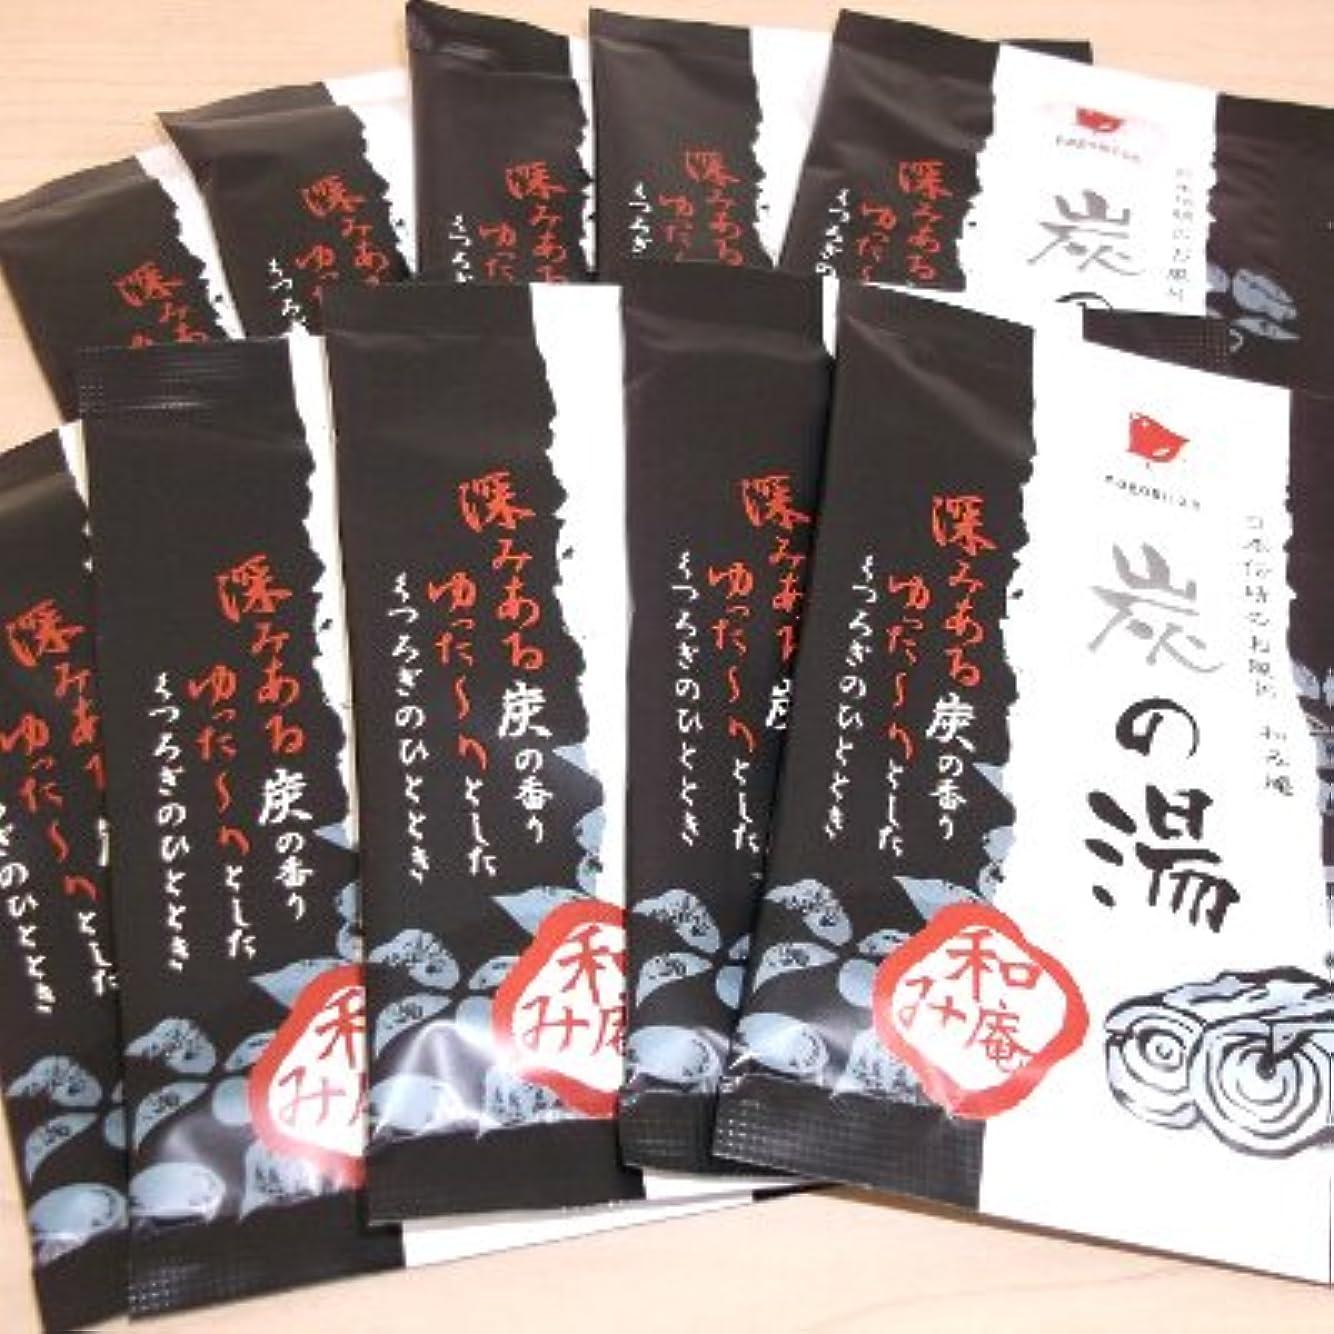 和み庵 炭の湯 10包セット